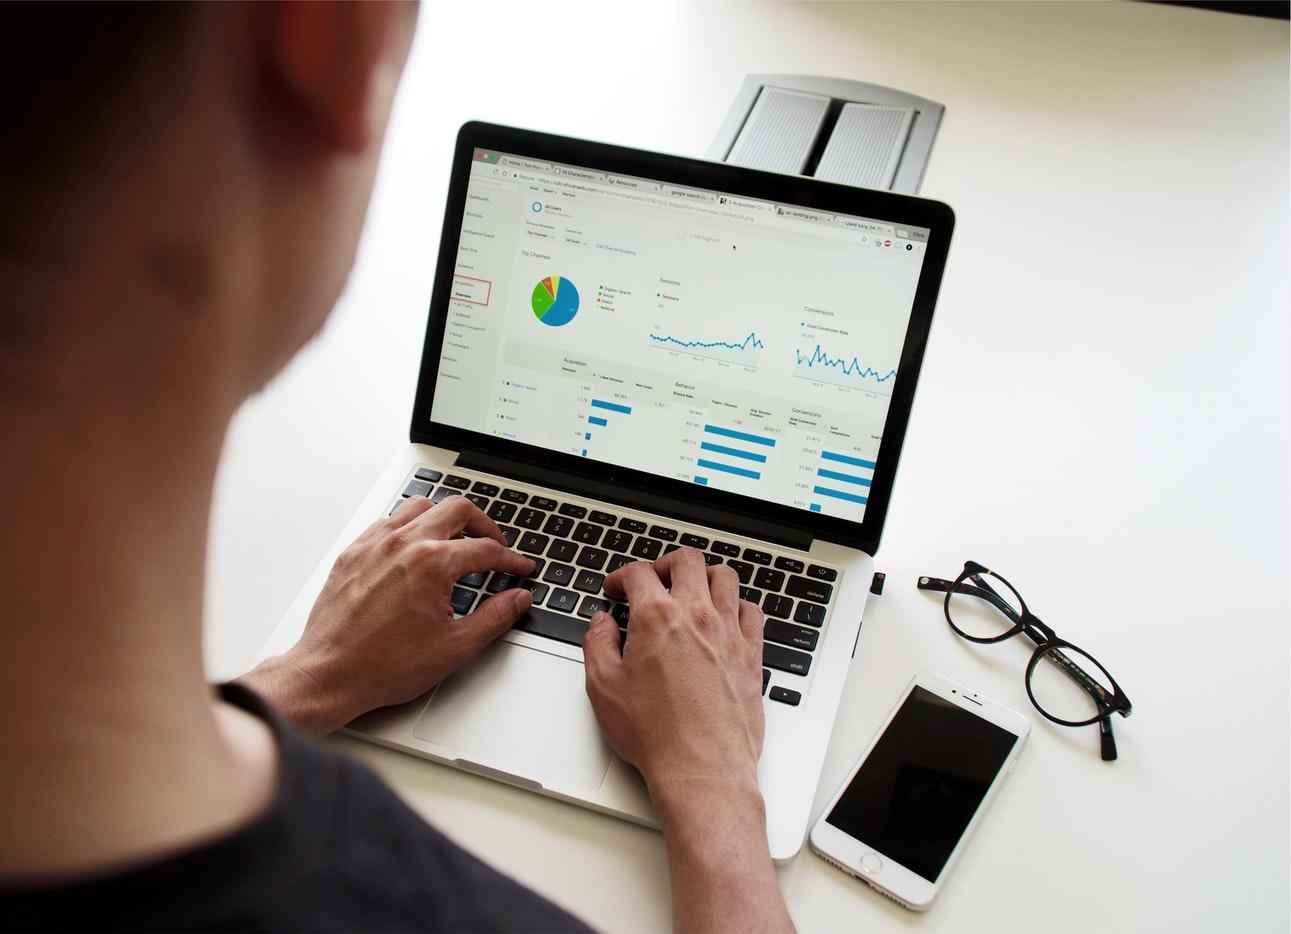 Vad är viktigt att komma ihåg när du visualiserar data?